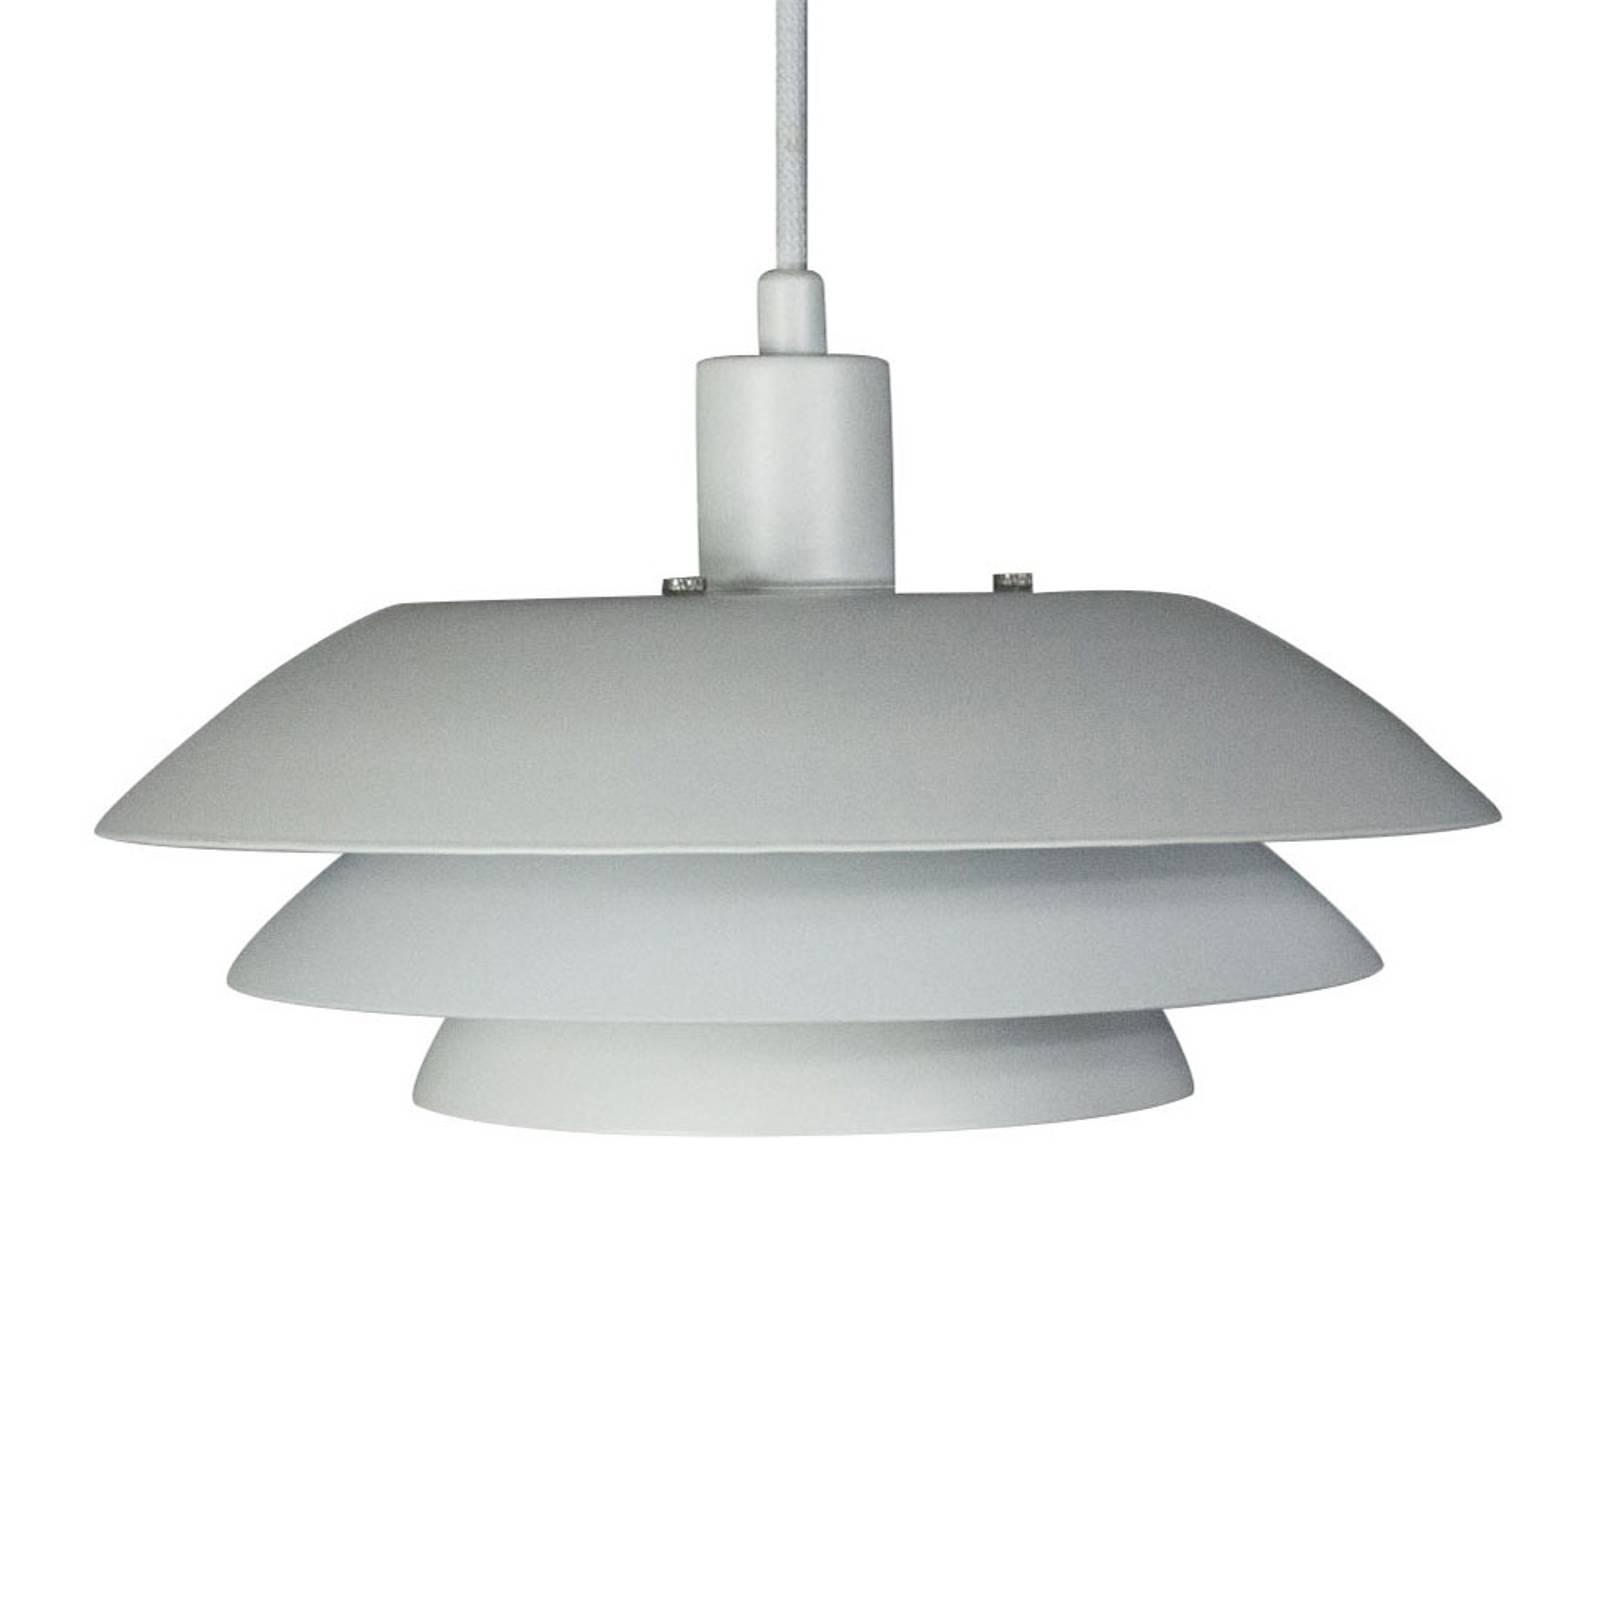 Dyberg Larsen DL20 Hängelampe, Ø 20cm, weiß